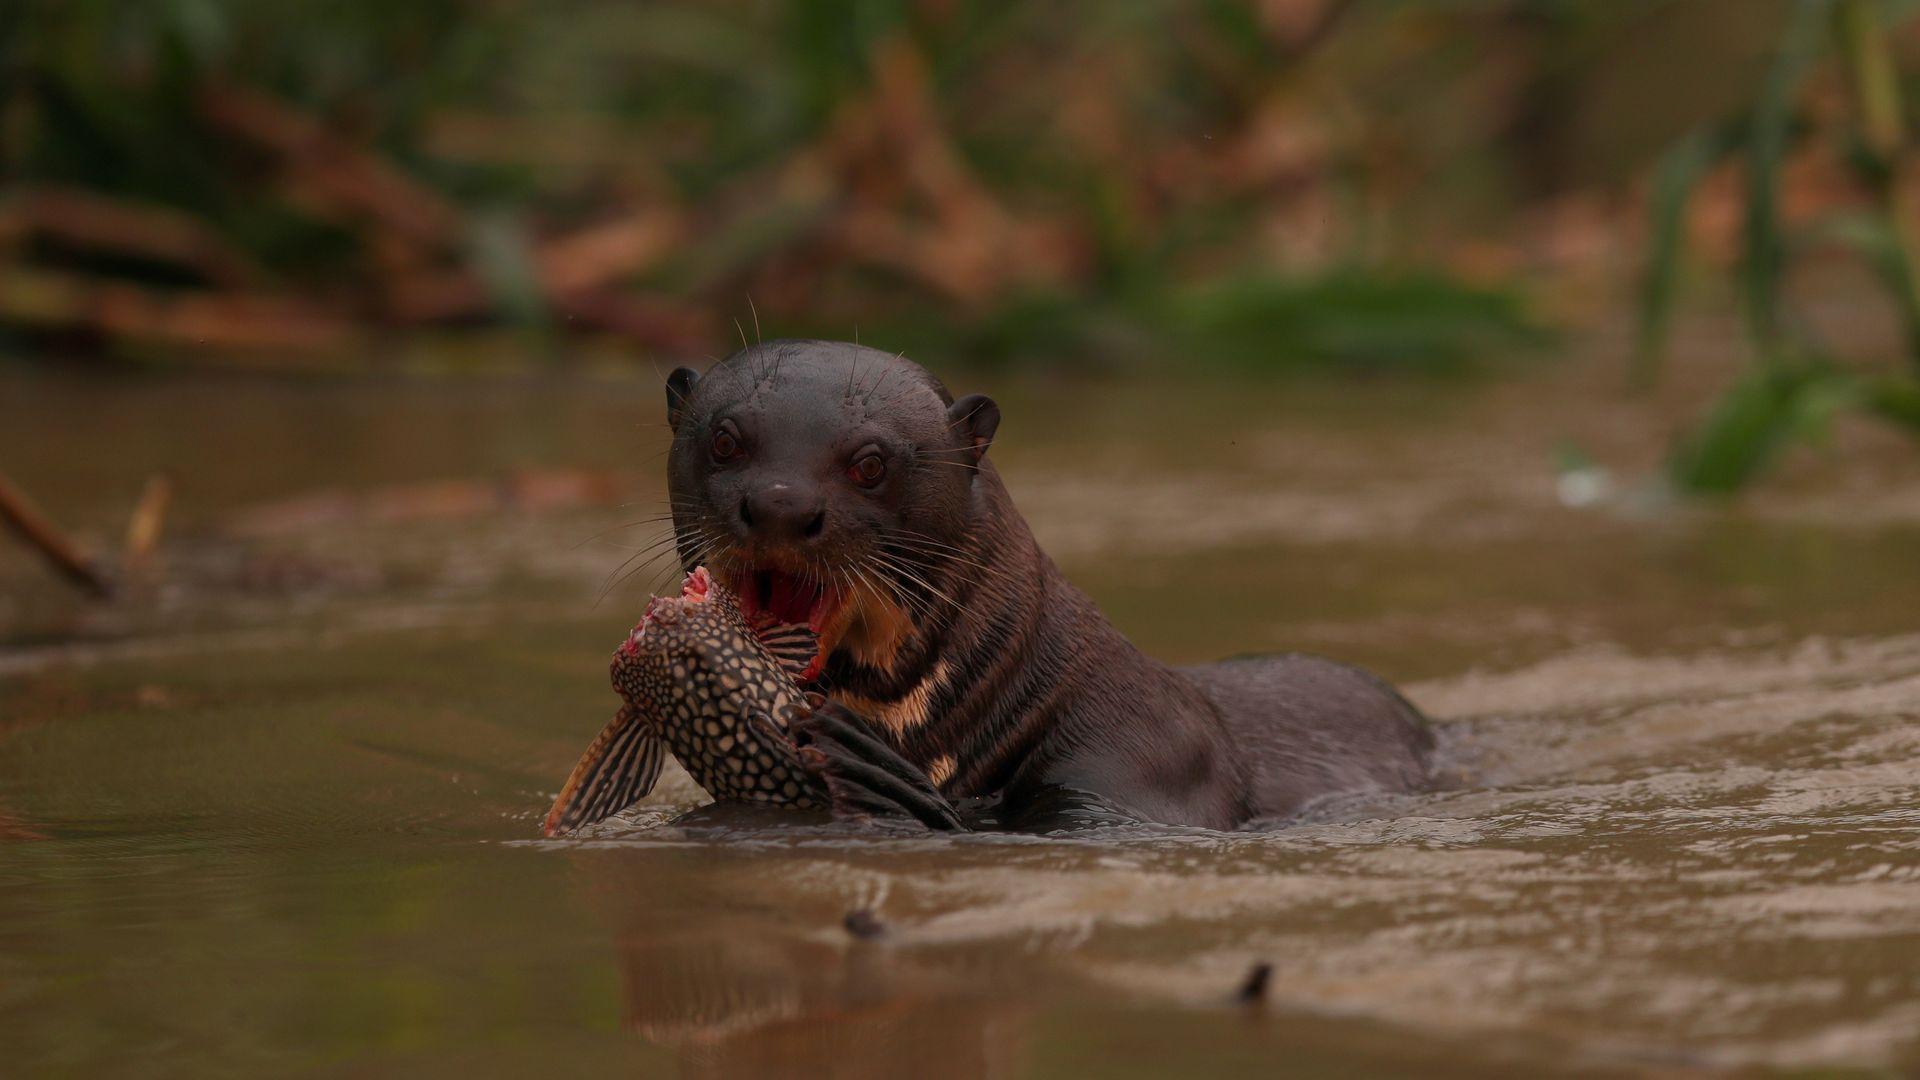 Ariranha come peixe enquanto nada no rio Cuiabá, em meio à fumaça de um incêndio, dentro do Parque Estadual Encontro das Águas, no Pantanal, maior pantanal do mundo, no estado de Mato Grosso, Brasil, 3 de setembro de 2020. REUTERS / Amanda Perobelli